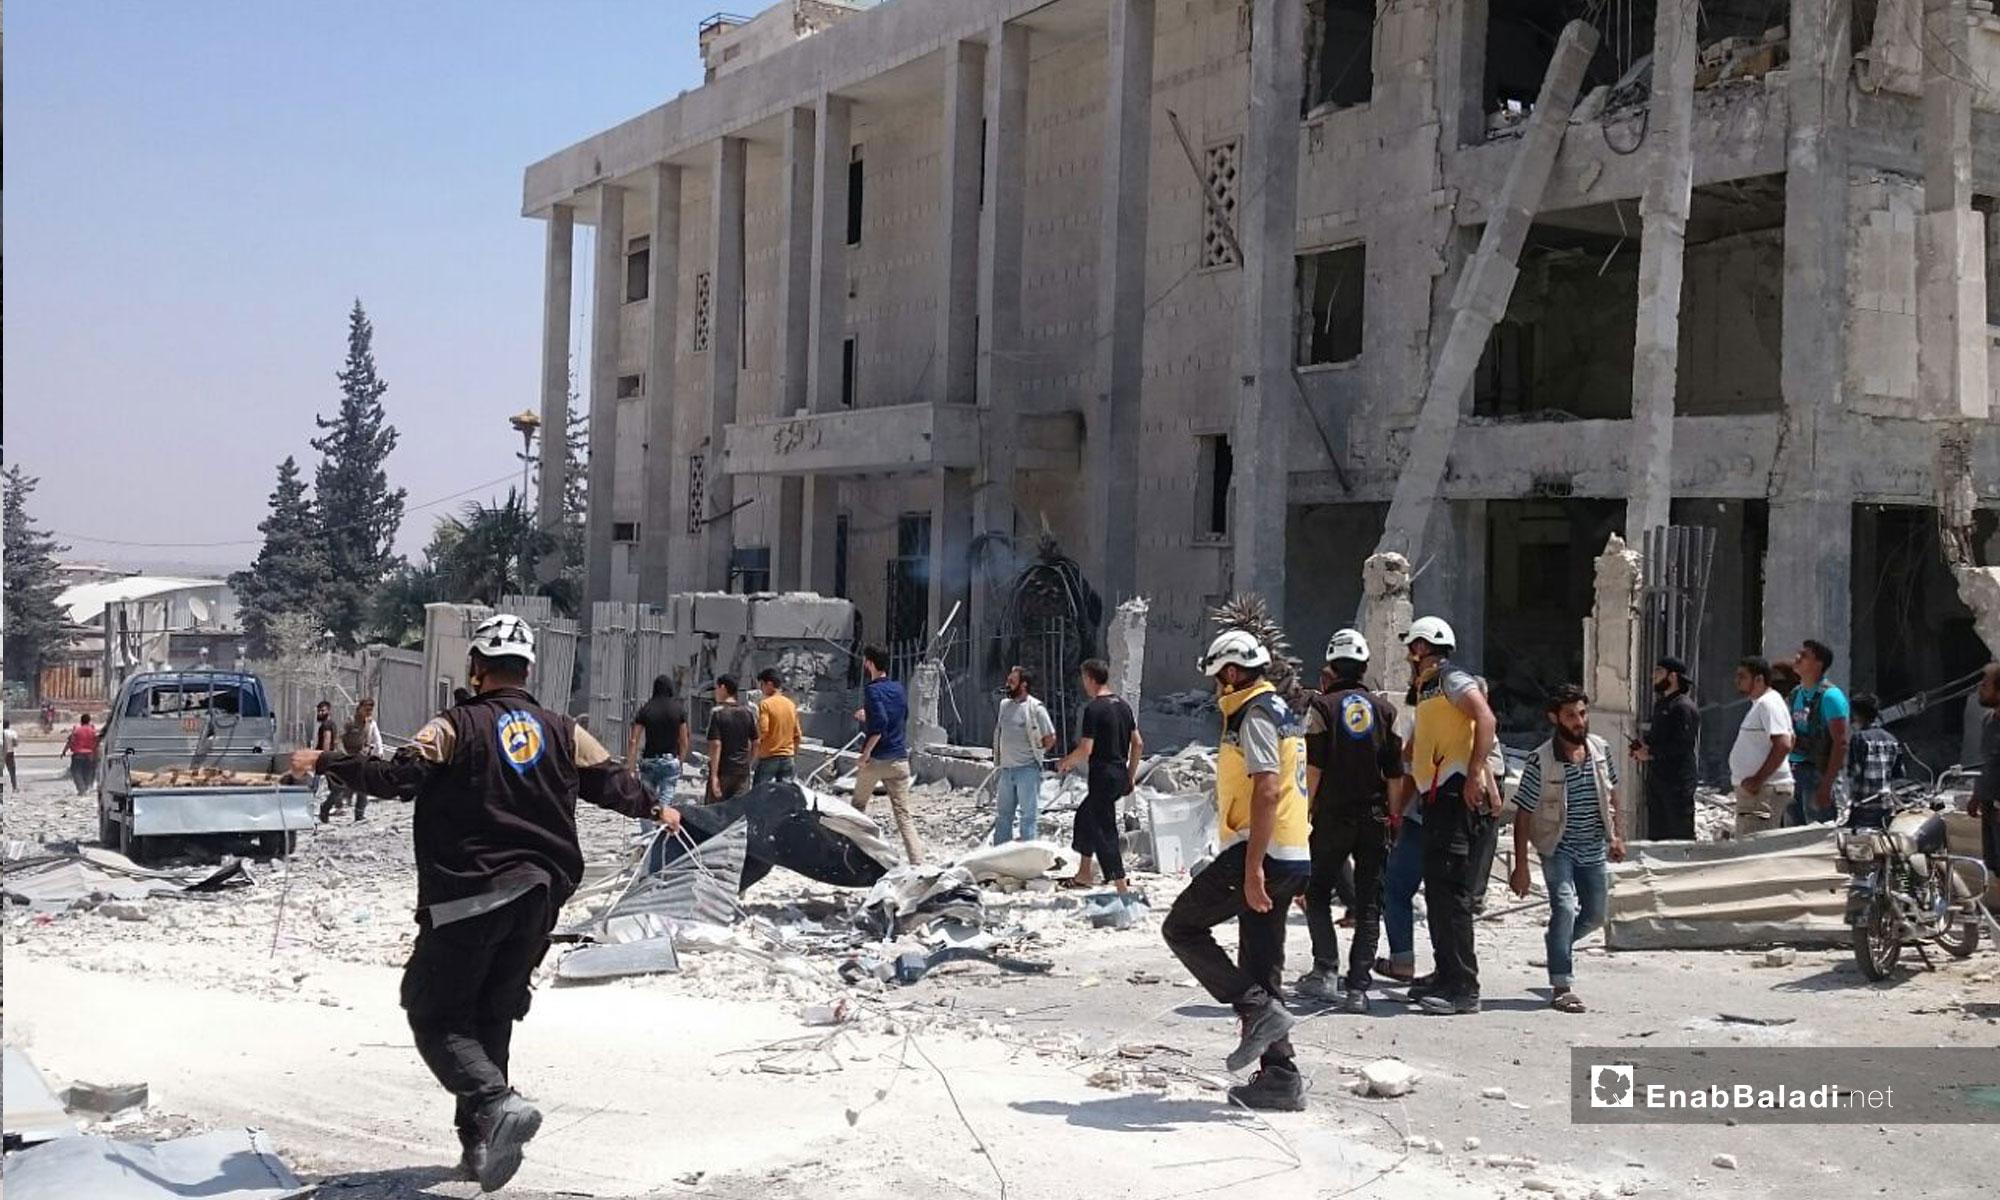 عناصر الدفاع المدني بعد انفجار سيارة مفخخة أمام البنك المركزي في إدلب - 2 من آب 2018 (عنب بلدي)